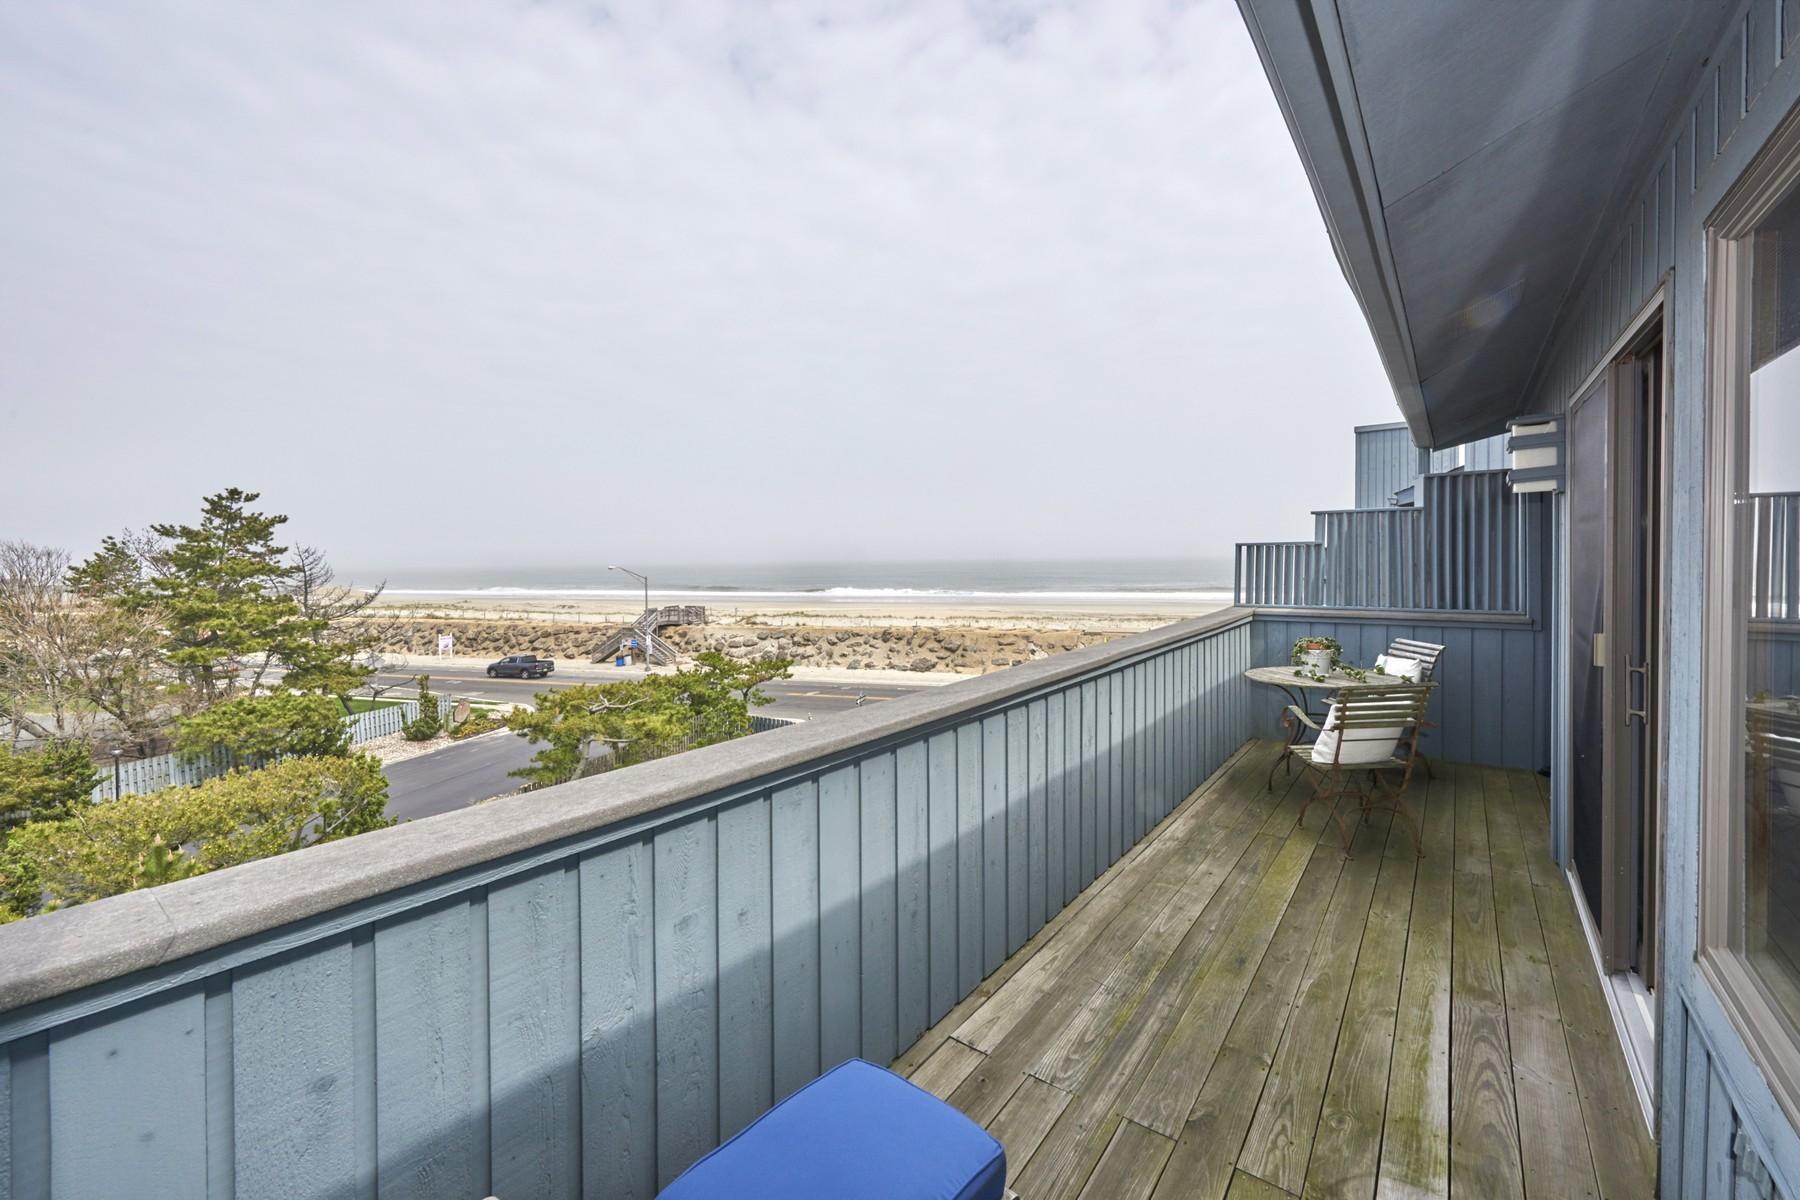 Villetta a schiera per Vendita alle ore Panoramic Ocean Views 1566 Ocean Ave 46 Sea Bright, New Jersey, 07760 Stati Uniti